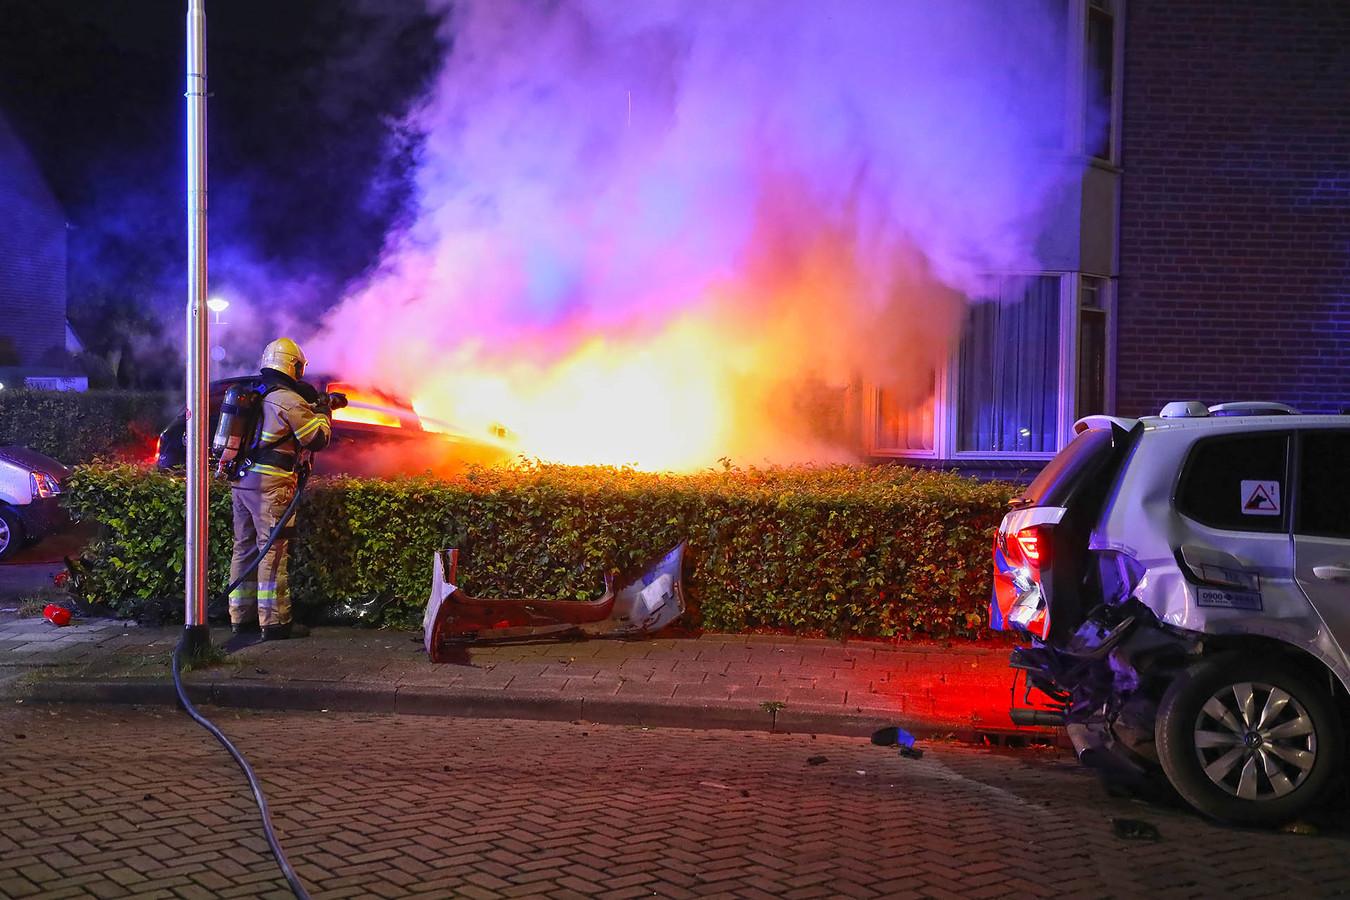 Ilone en Sharon de Knegt uit Oss redden een Osse bestuurder uit zijn auto, die niet veel later in vlammen opging.